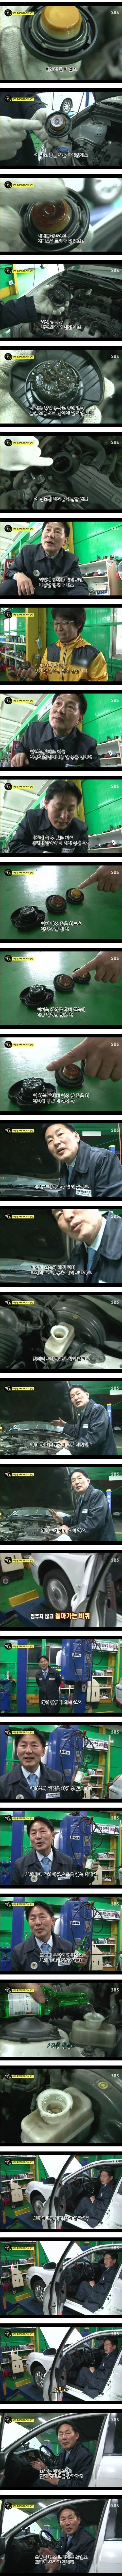 좋은 중고차 고르는 방법, 착한 중고차 고르기의 달인 박병일, SBS 생활의 달인 380회